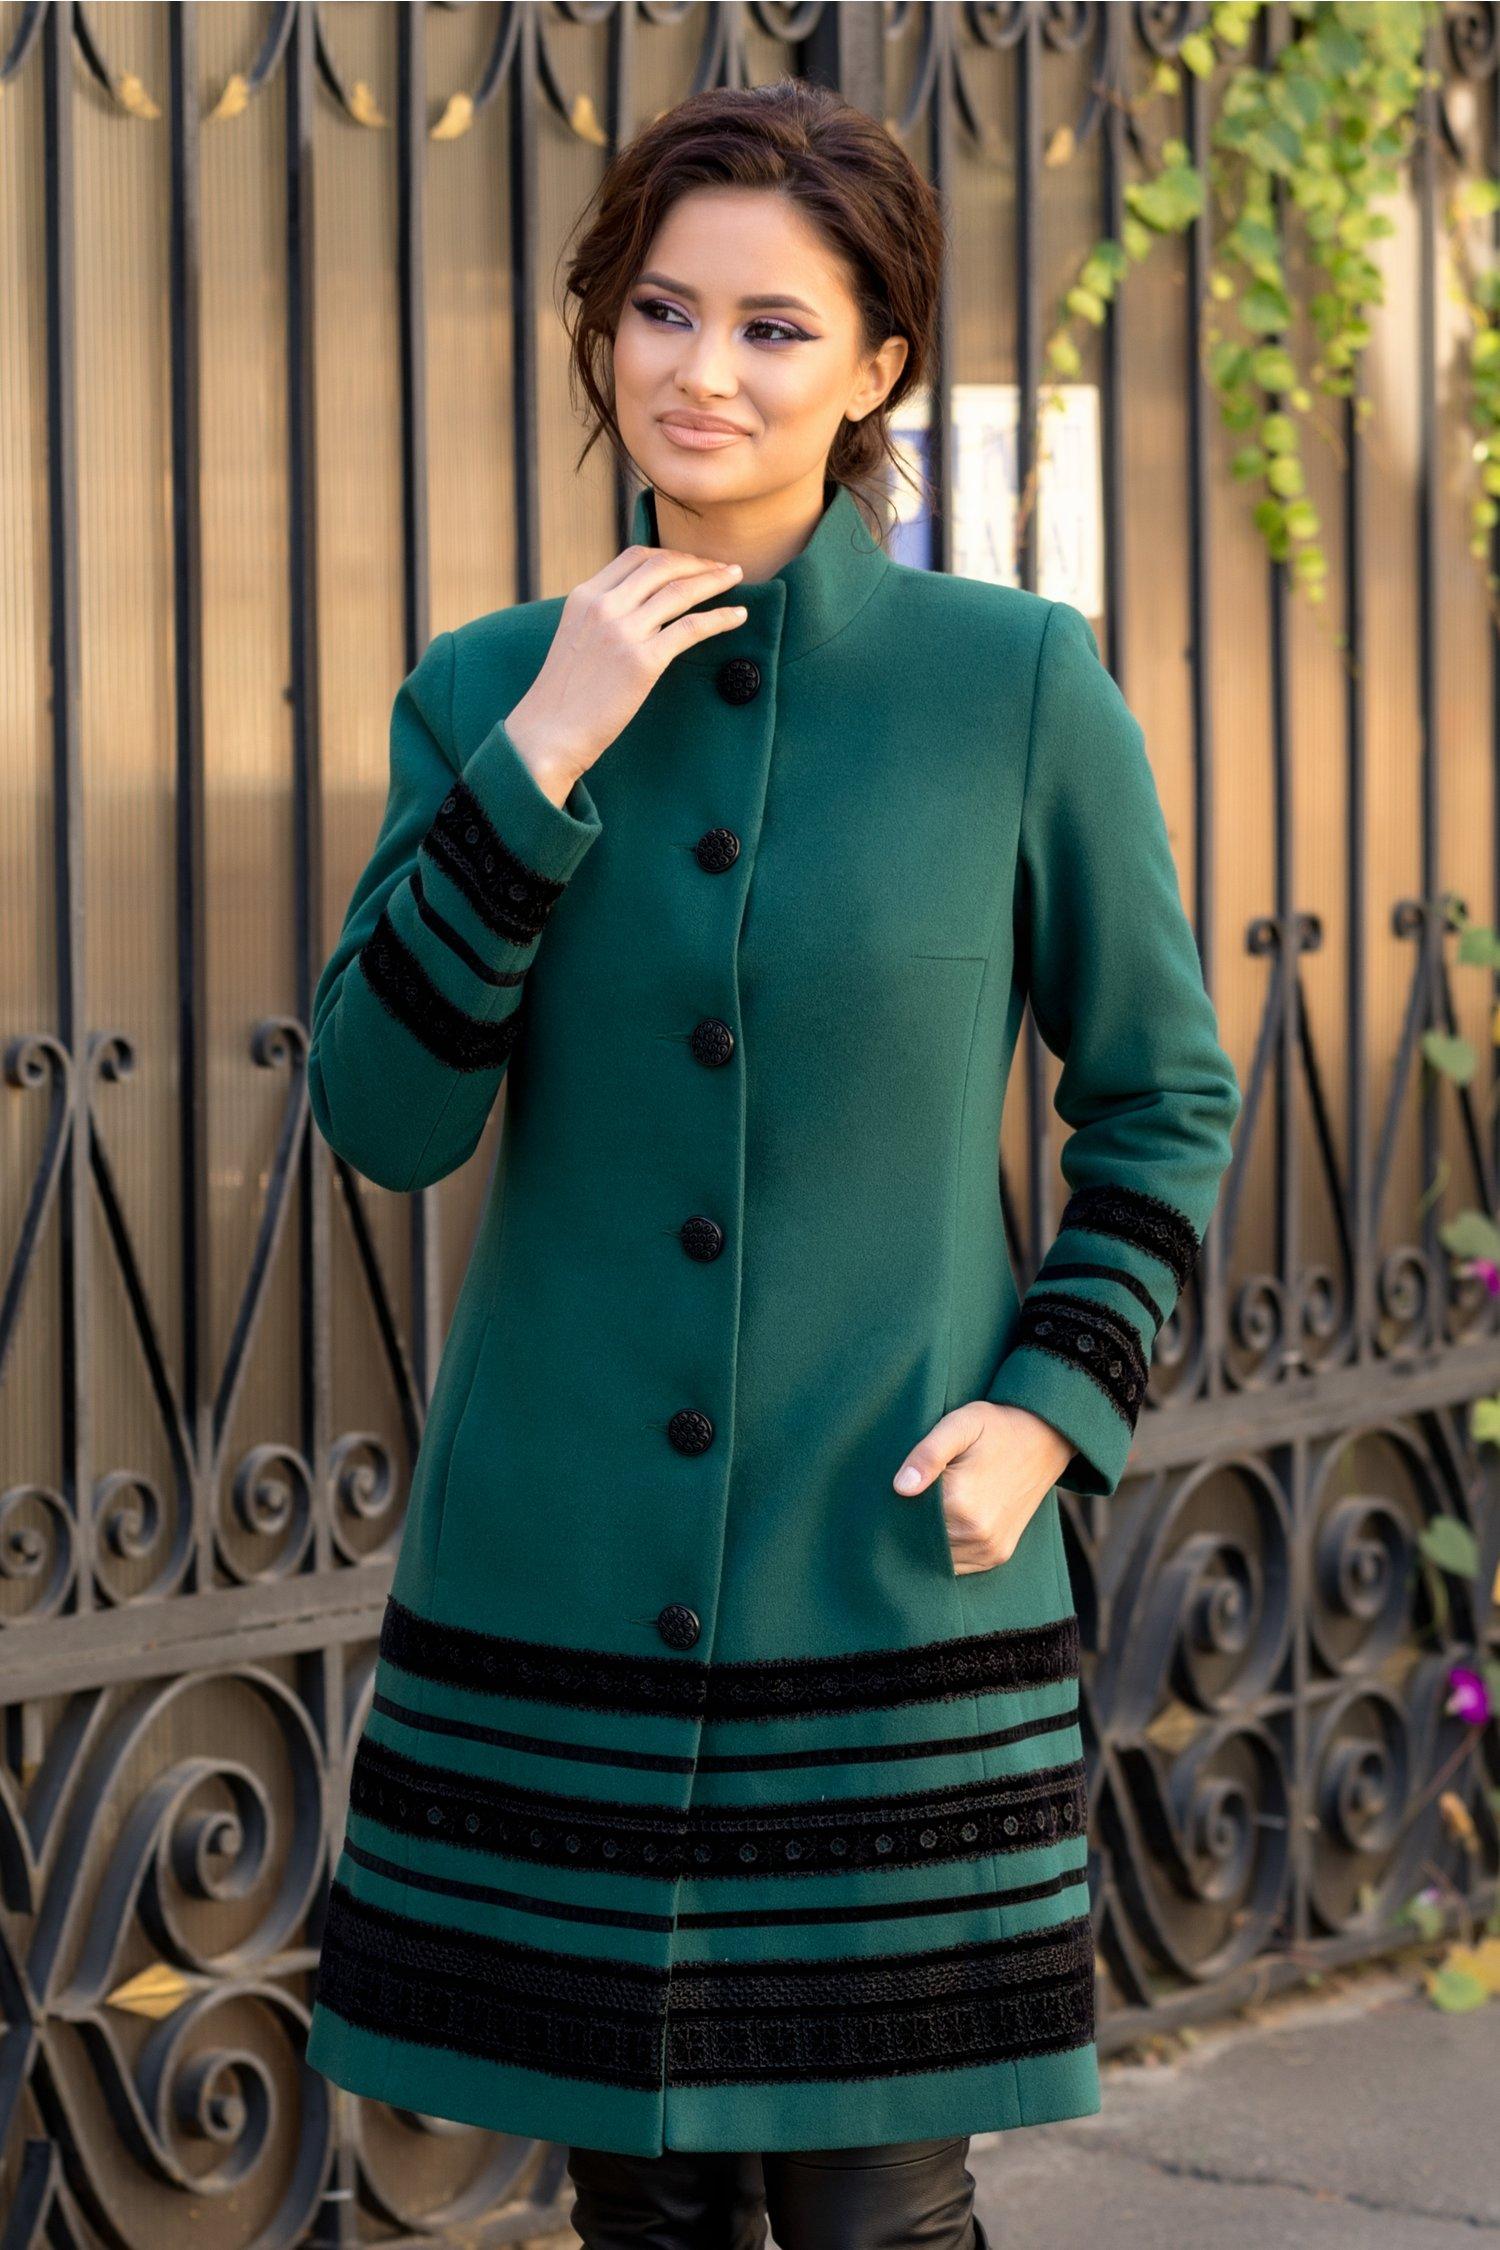 Palton LaDonna verde cu insertii deosebite din catifea brodata